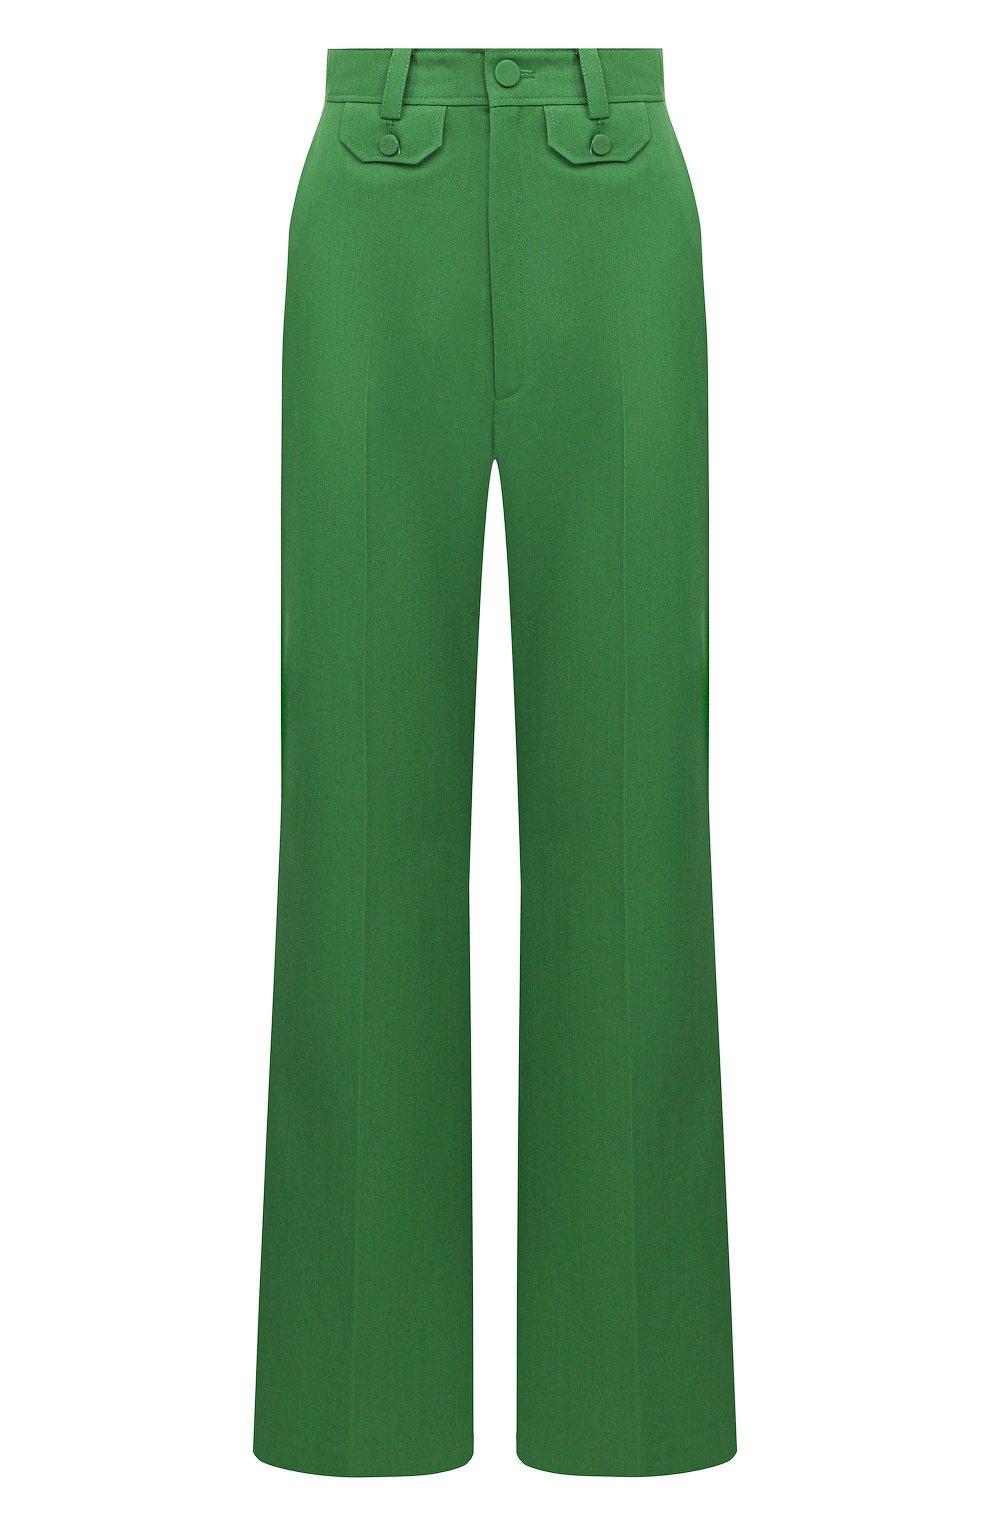 Женские брюки GUCCI зеленого цвета, арт. 643346/ZAFU9   Фото 1 (Материал внешний: Шерсть, Синтетический материал; Длина (брюки, джинсы): Стандартные; Женское Кросс-КТ: Брюки-одежда; Силуэт Ж (брюки и джинсы): Расклешенные; Стили: Романтичный)